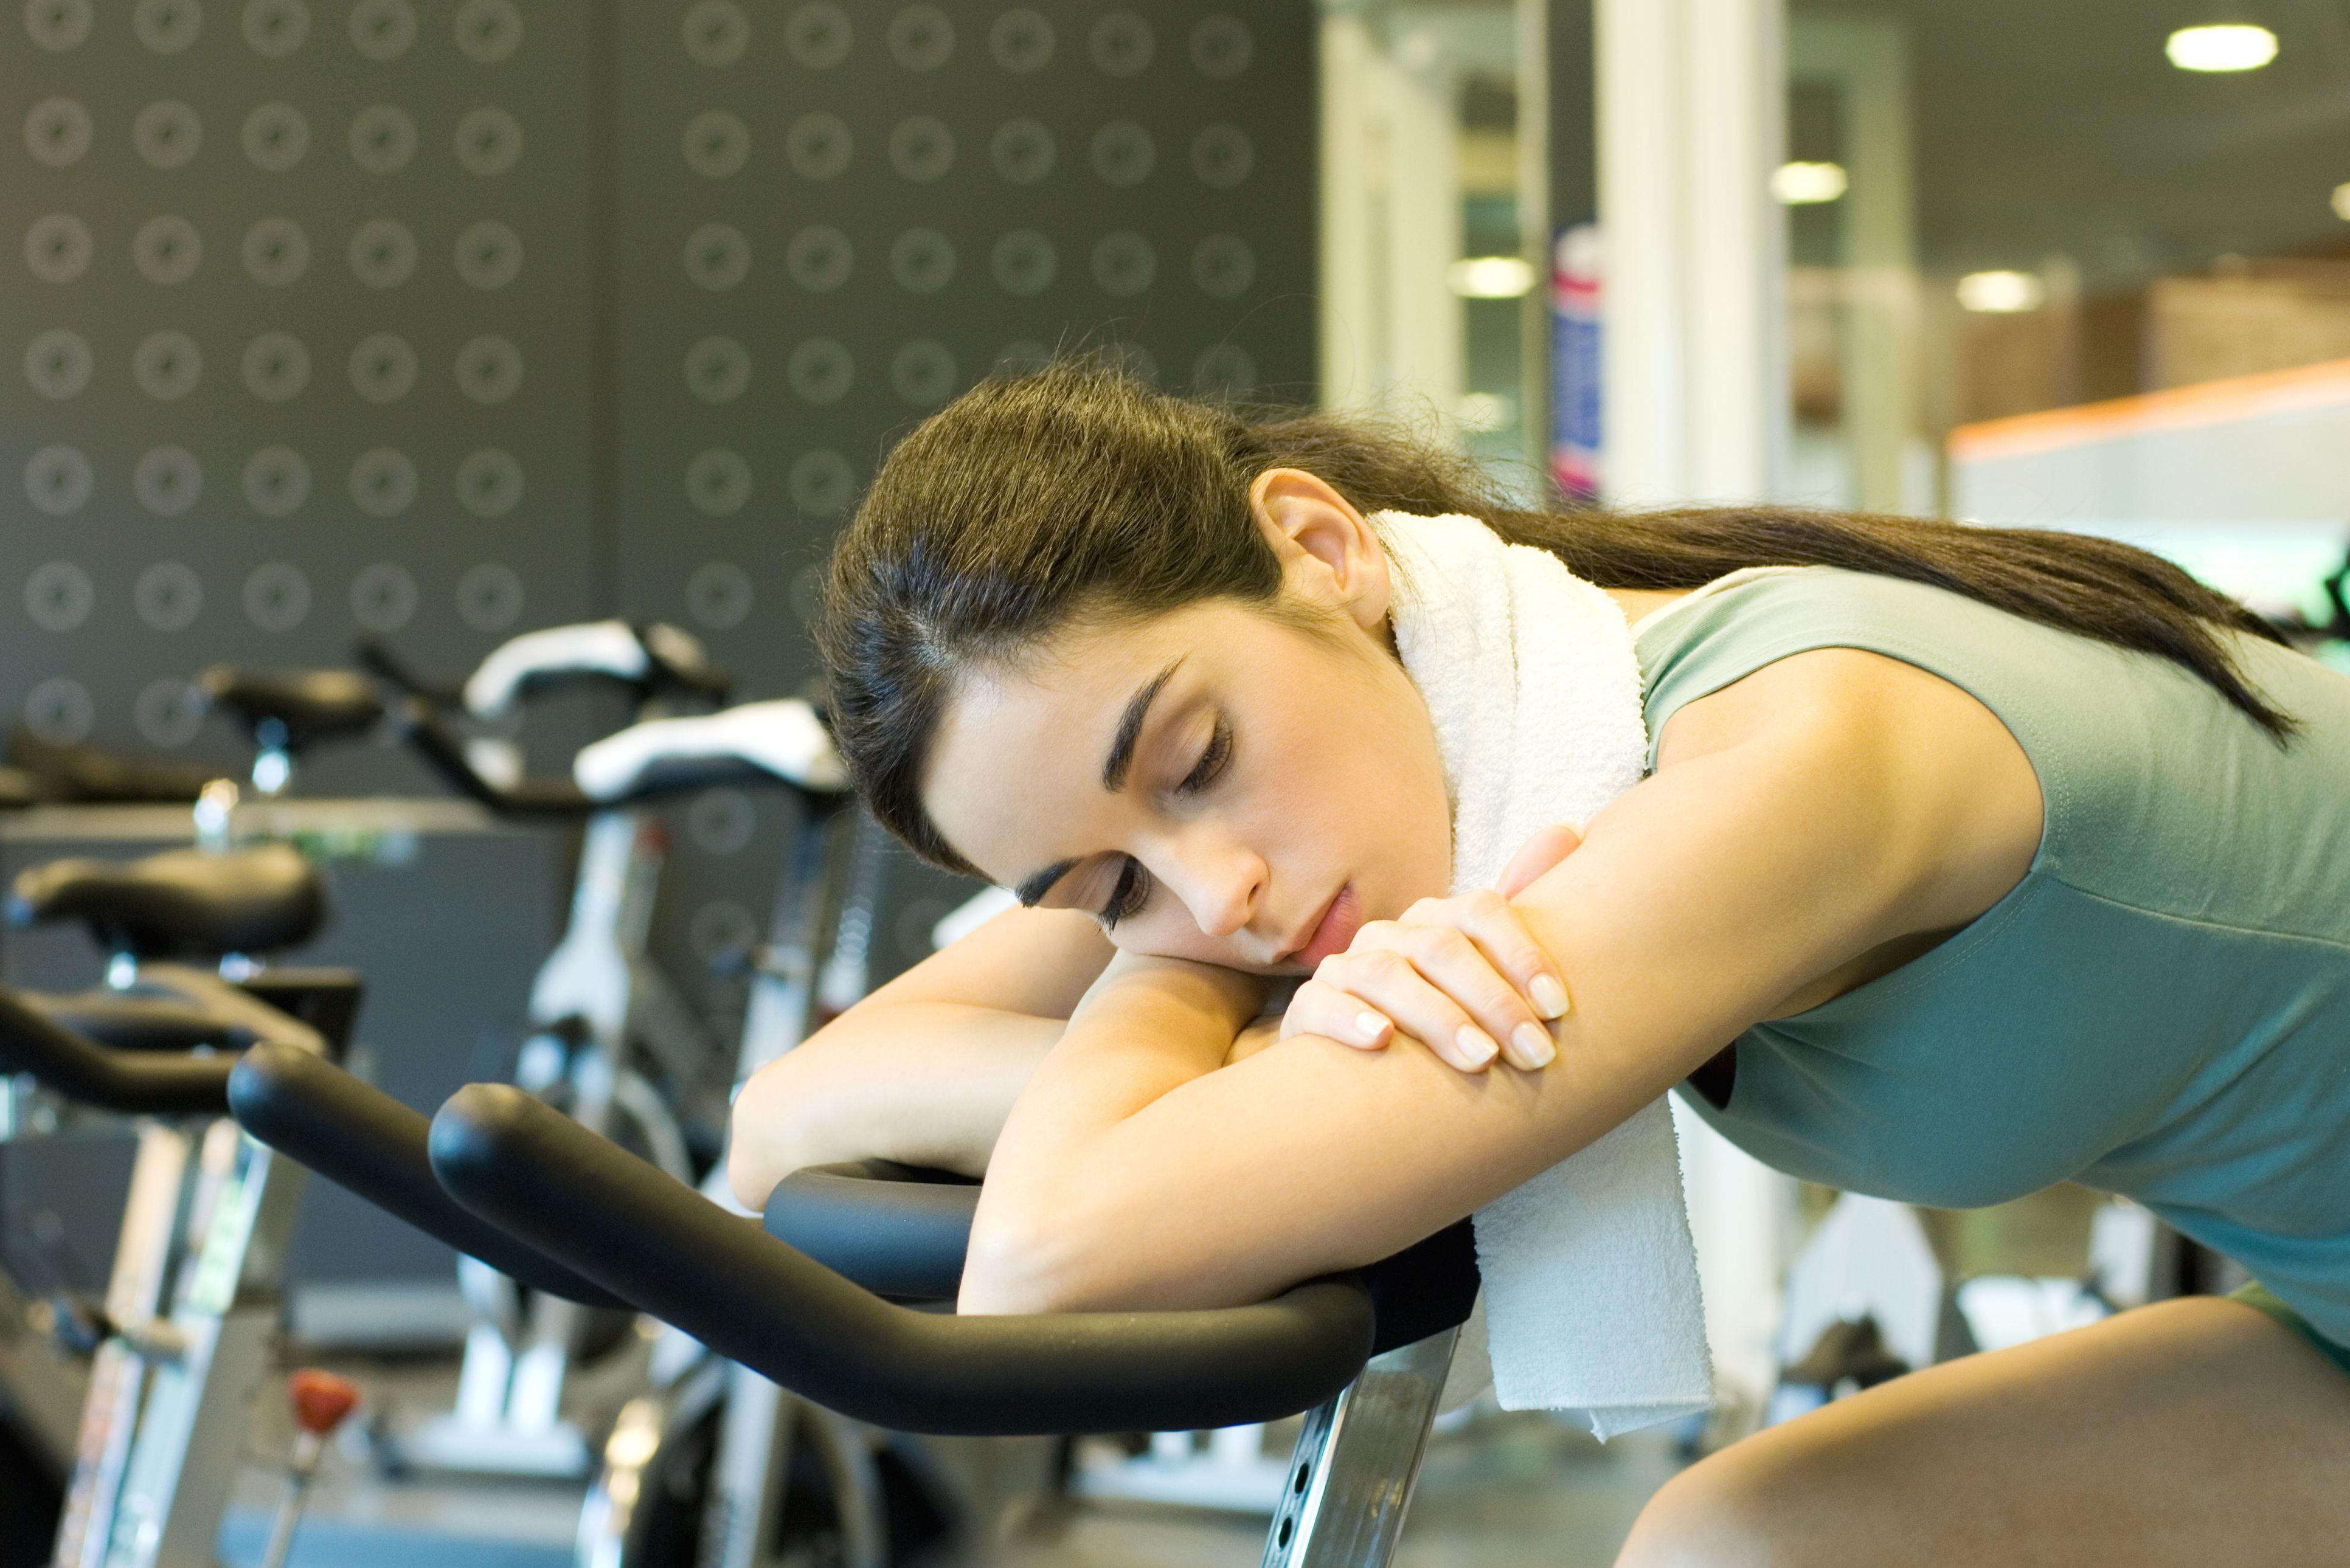 5 Gründe, warum Sie sich nicht an ein Trainingsprogramm